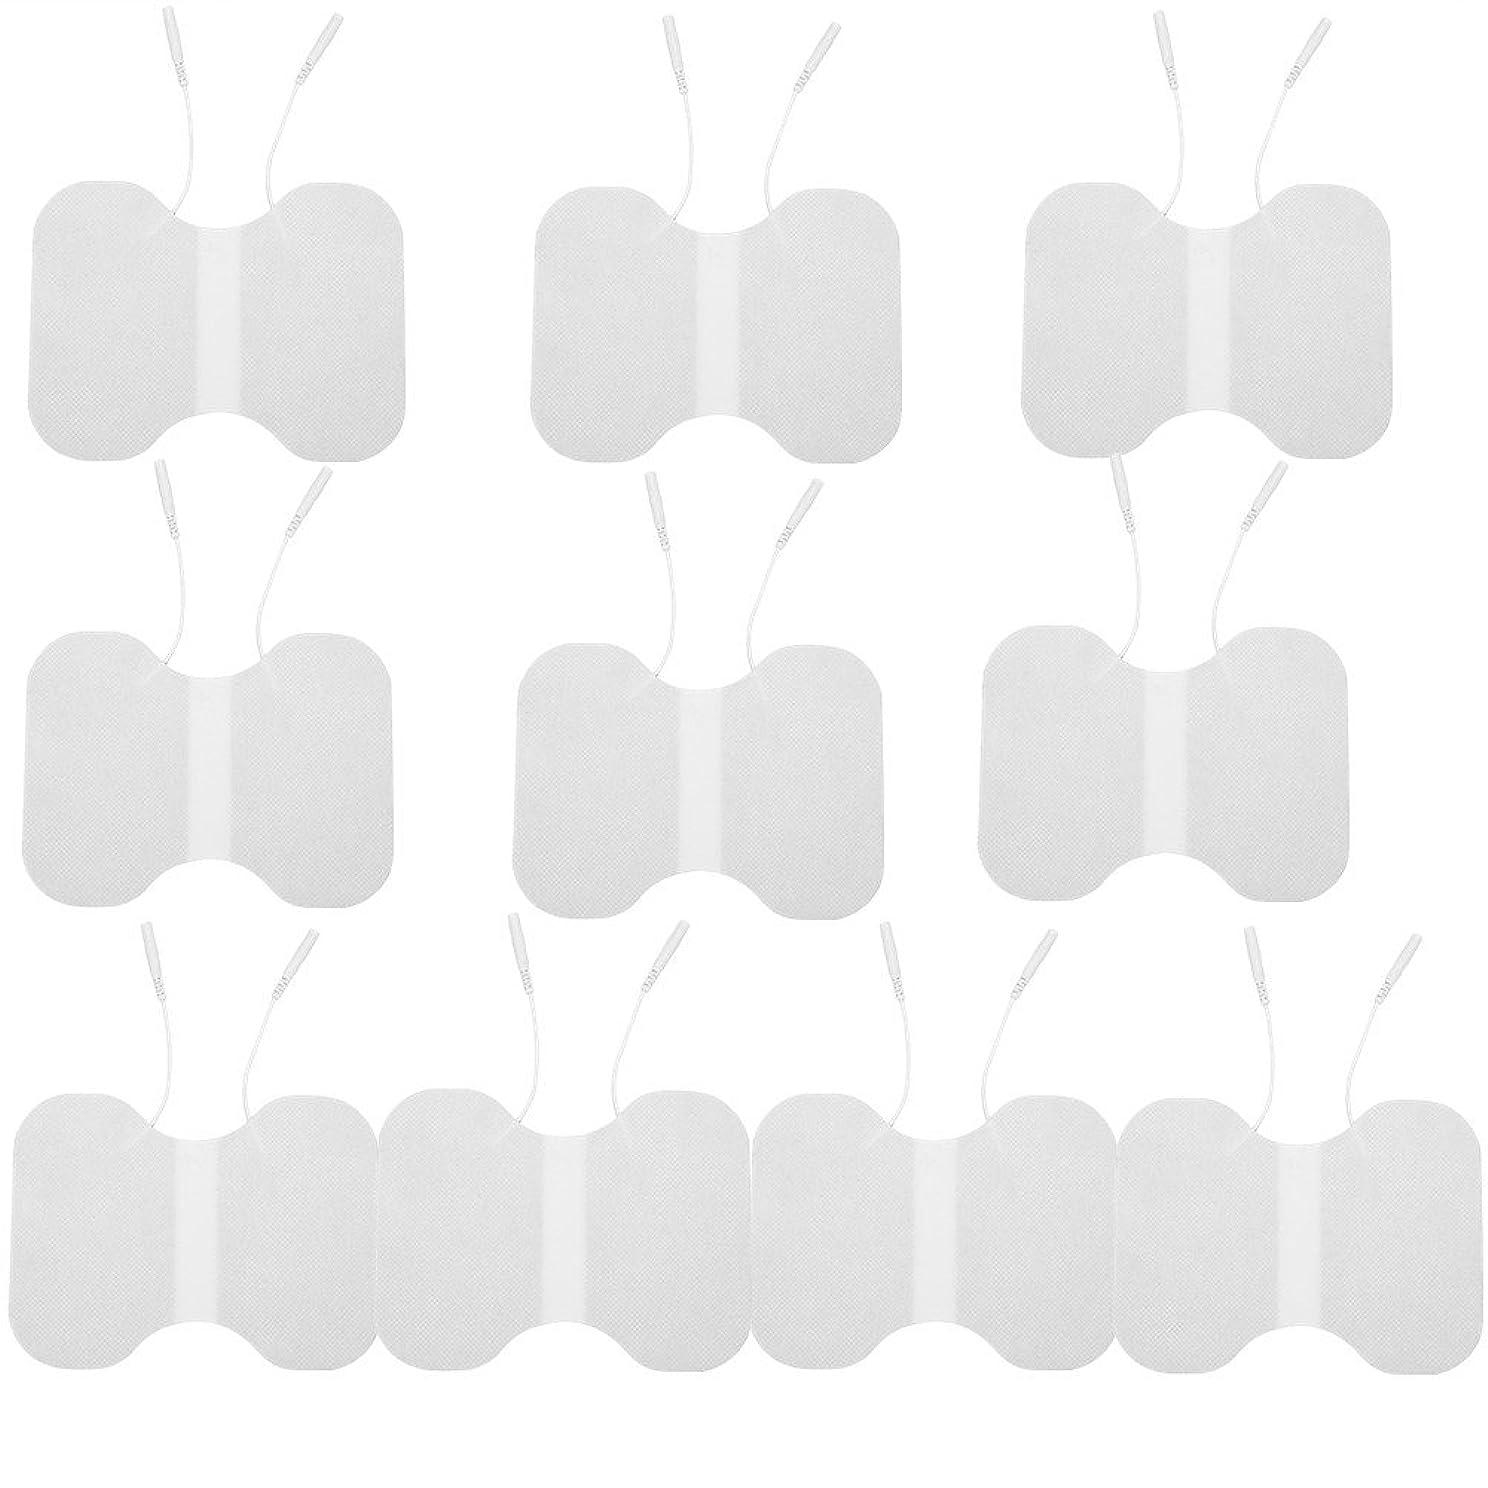 相手ボスロードブロッキング電極パッド、1Pc再利用可能な自己接着性電極パッチが体内の循環を改善し代謝を促進する効果